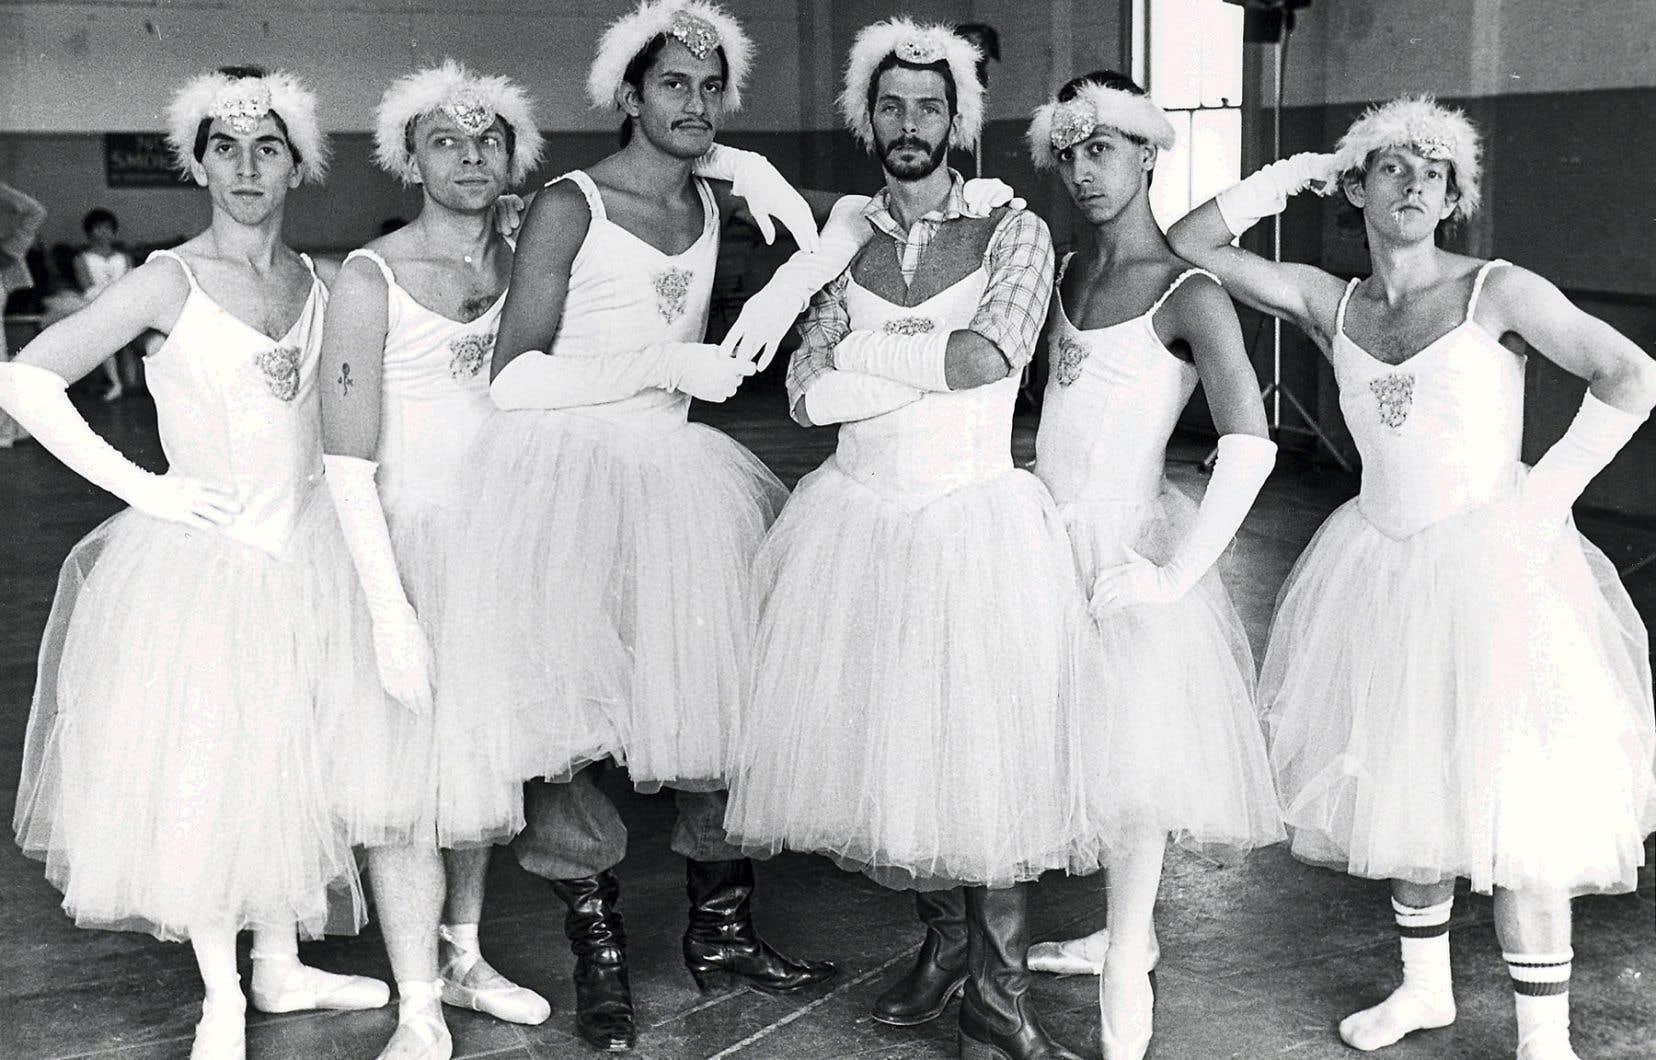 Le documentaire aborde avec grâce l'historique du Ballet Trockadero de Monte Carlo, intimement lié aux luttes menées par la communauté gaie dans les années 1970 et 1980.